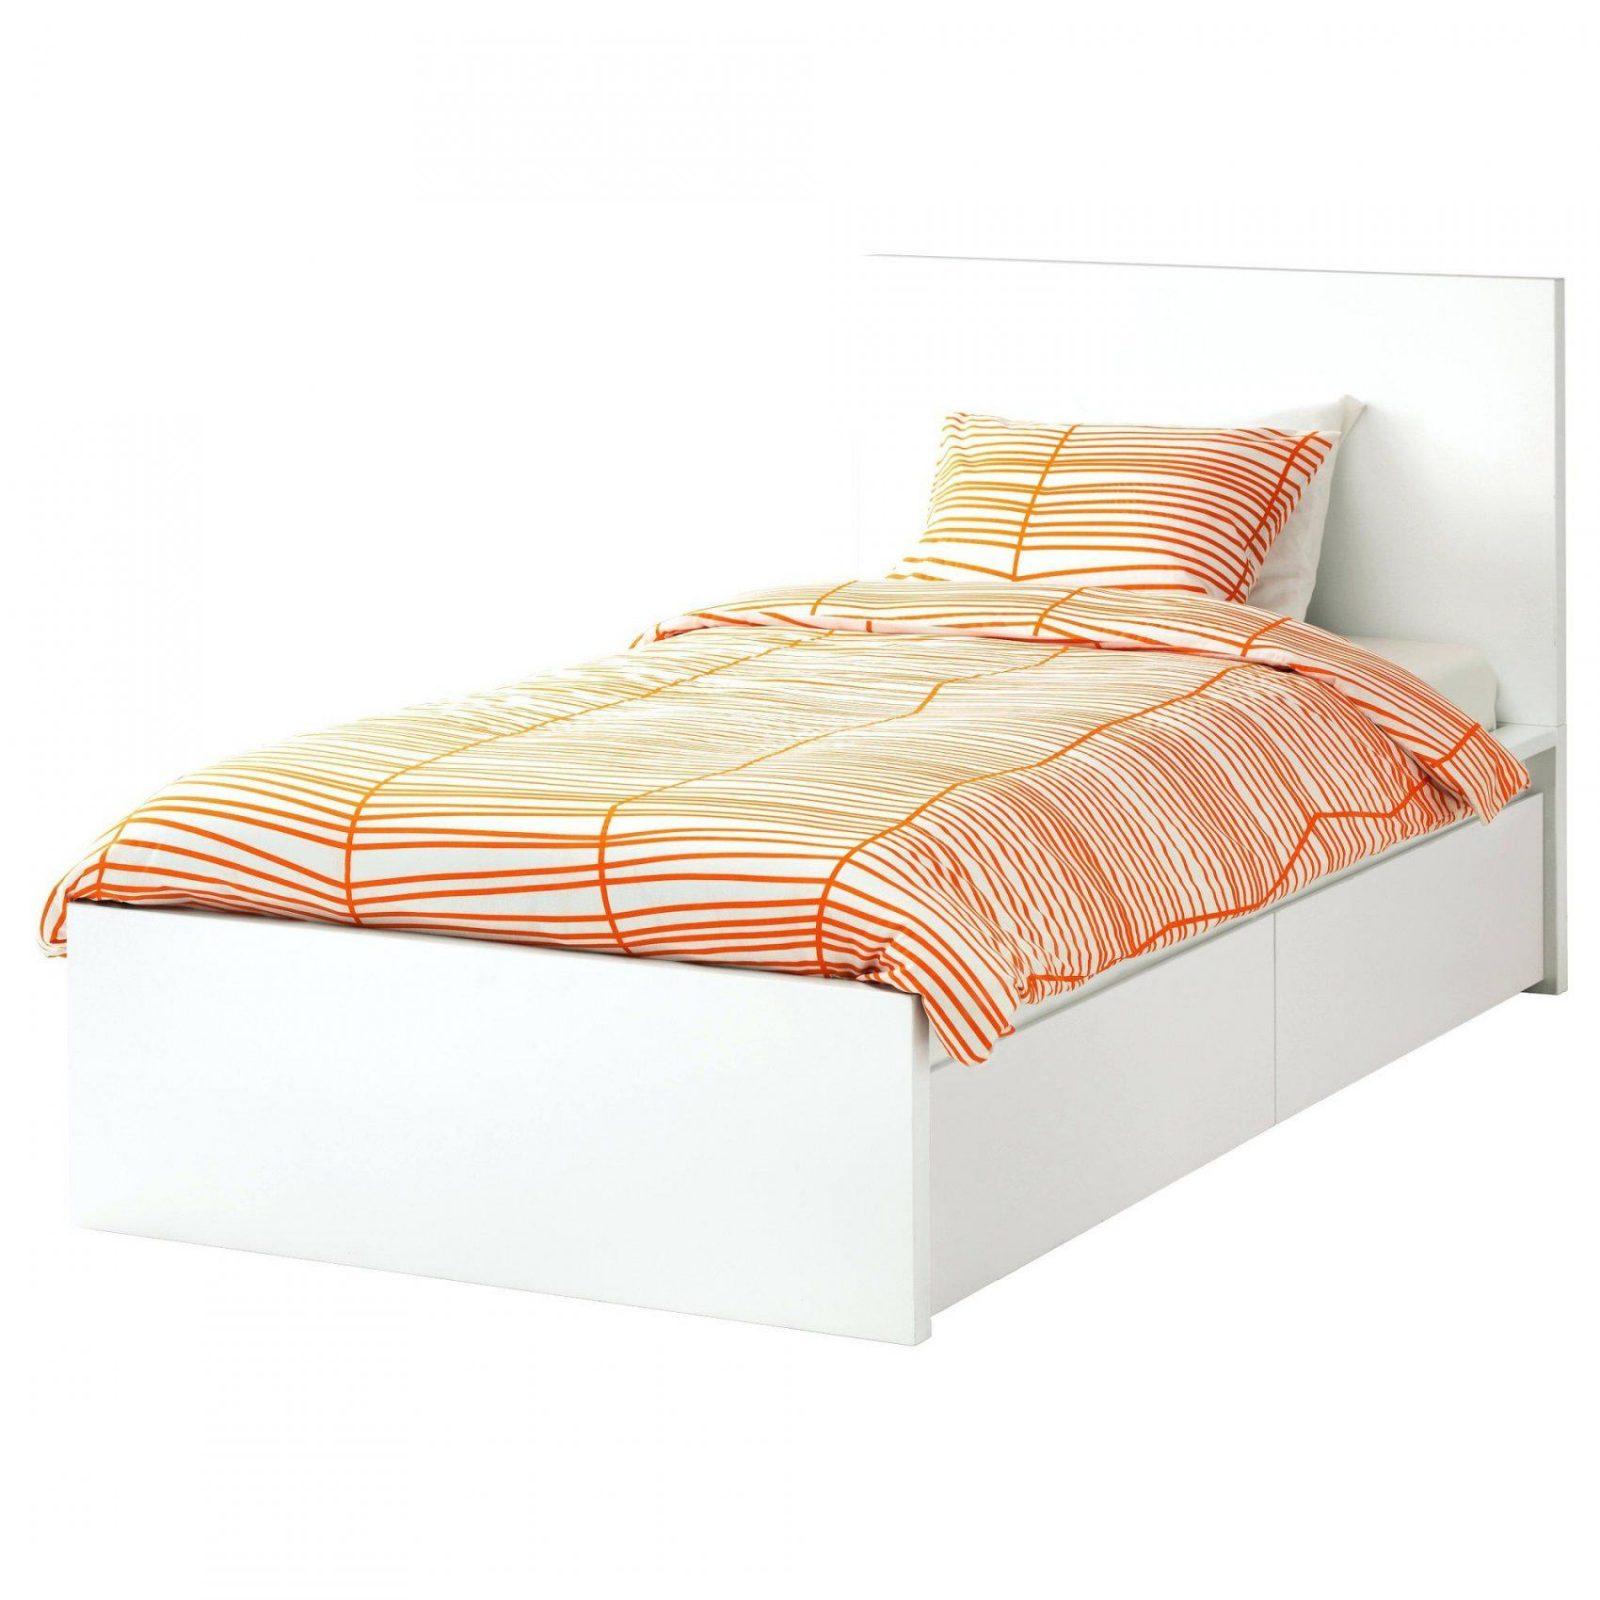 Matratze 160×200 Dänisches Bettenlager Inspirierend Bettgestell 160 von Matratze 160X200 Dänisches Bettenlager Bild